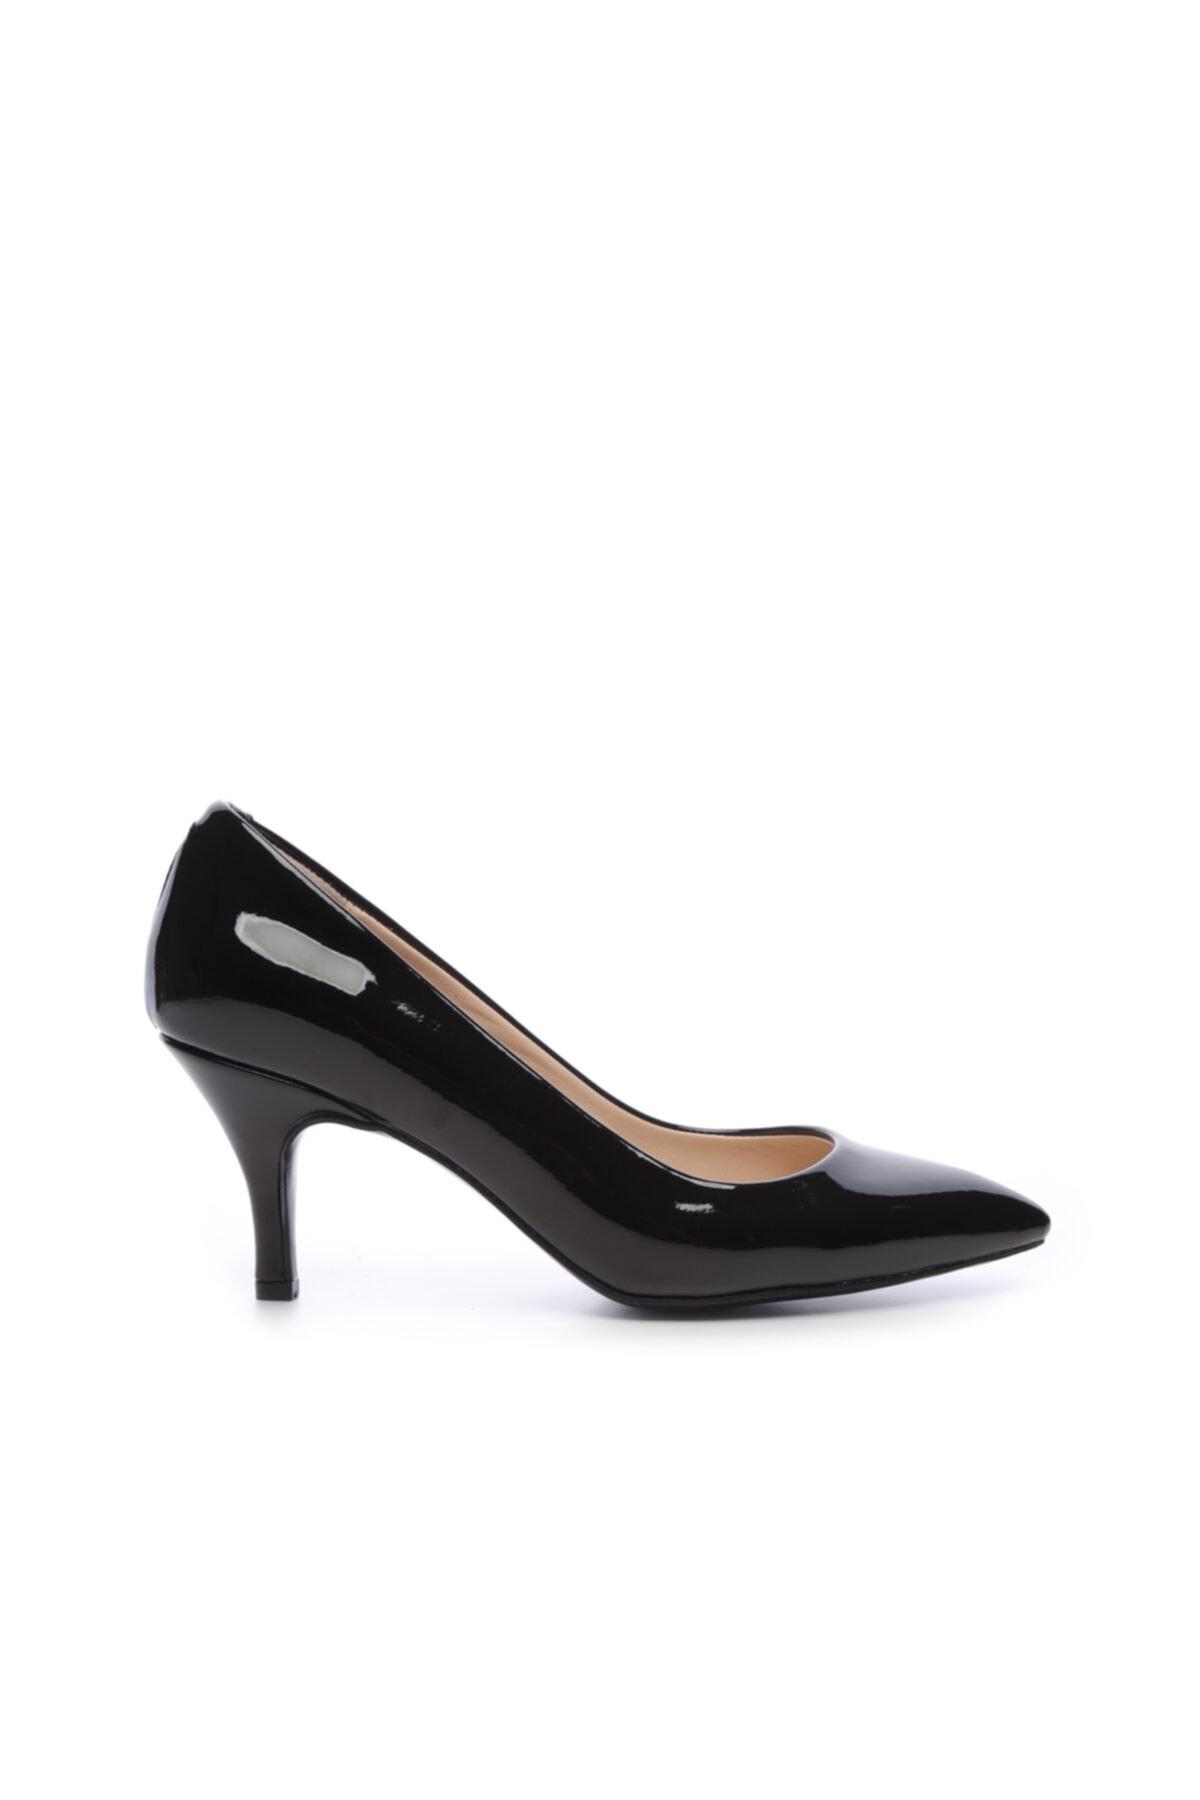 KEMAL TANCA Kadın Vegan Stiletto Ayakkabı 723 2701 BN AYK Y19 1